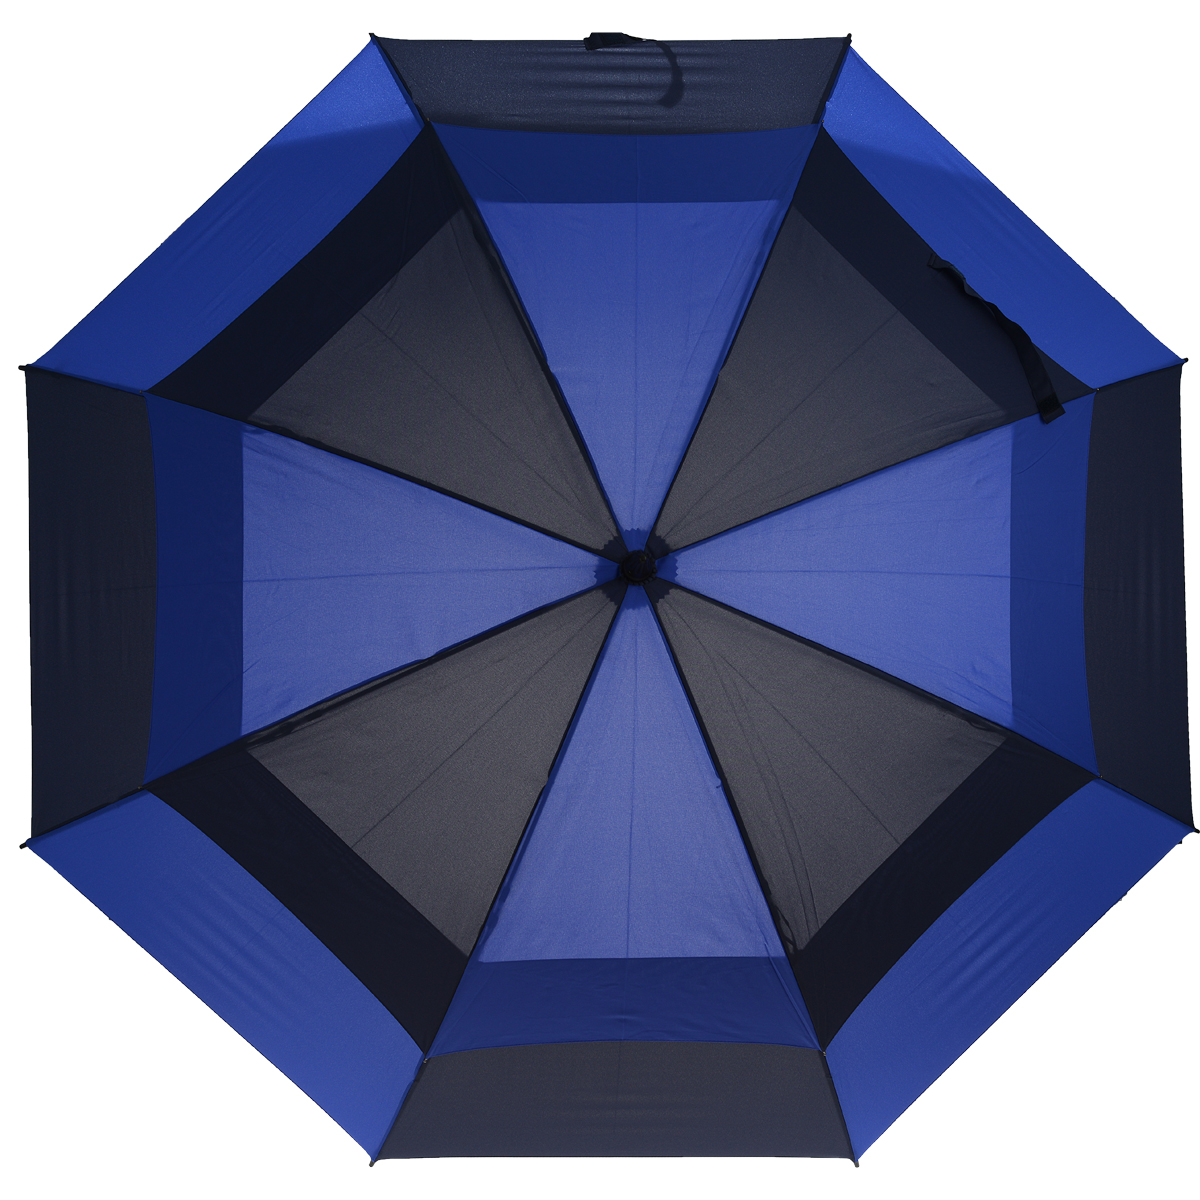 Зонт-трость Stormshield, механический, цвет: синий. S 669 3S2167REM12-CAM-GREENBLACKОригинальный механический зонт-трость Stormshield с двойным куполом способен укрыть от дождя и штормового ветра небольшую компанию. Усиленный каркас зонта состоит из прочного стального стержня и 8 спиц из фибергласса. Купол выполнен из полиэстера синего цвета. Рукоятка зонта изготовлена из прорезиненного пластика.Зонт-трость имеет механический тип сложения: купол открывается и закрывается вручную до характерного щелчка.Такой стильный и необычный зонт выделит вас из толпы и поднимет настроение окружающим. В комплекте - чехол для хранения. Характеристики: Материал: полиэстер, пластик, сталь, фибергласс. Цвет: синий. Диаметр купола: 130 см. Длина ручки (стержня) в раскрытом виде:92 см.Длина зонта (в закрытом виде): 99 см.Вес: 710 г. Артикул:S 669 3S2167.